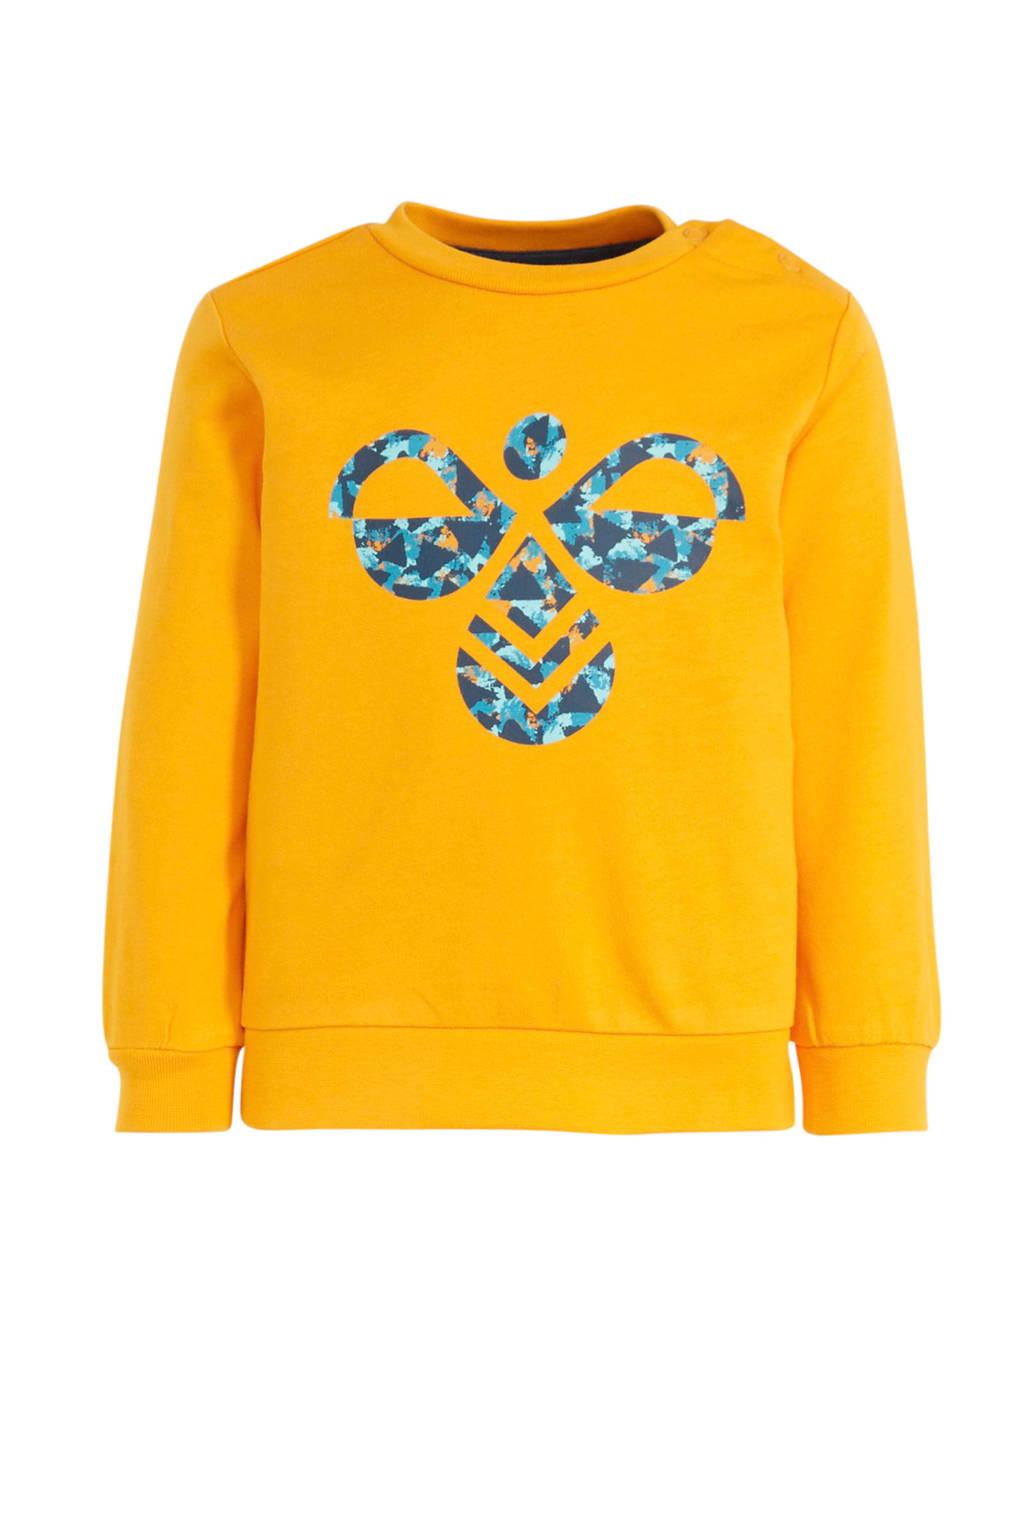 hummel sweater geel/blauw, Geel/blauw